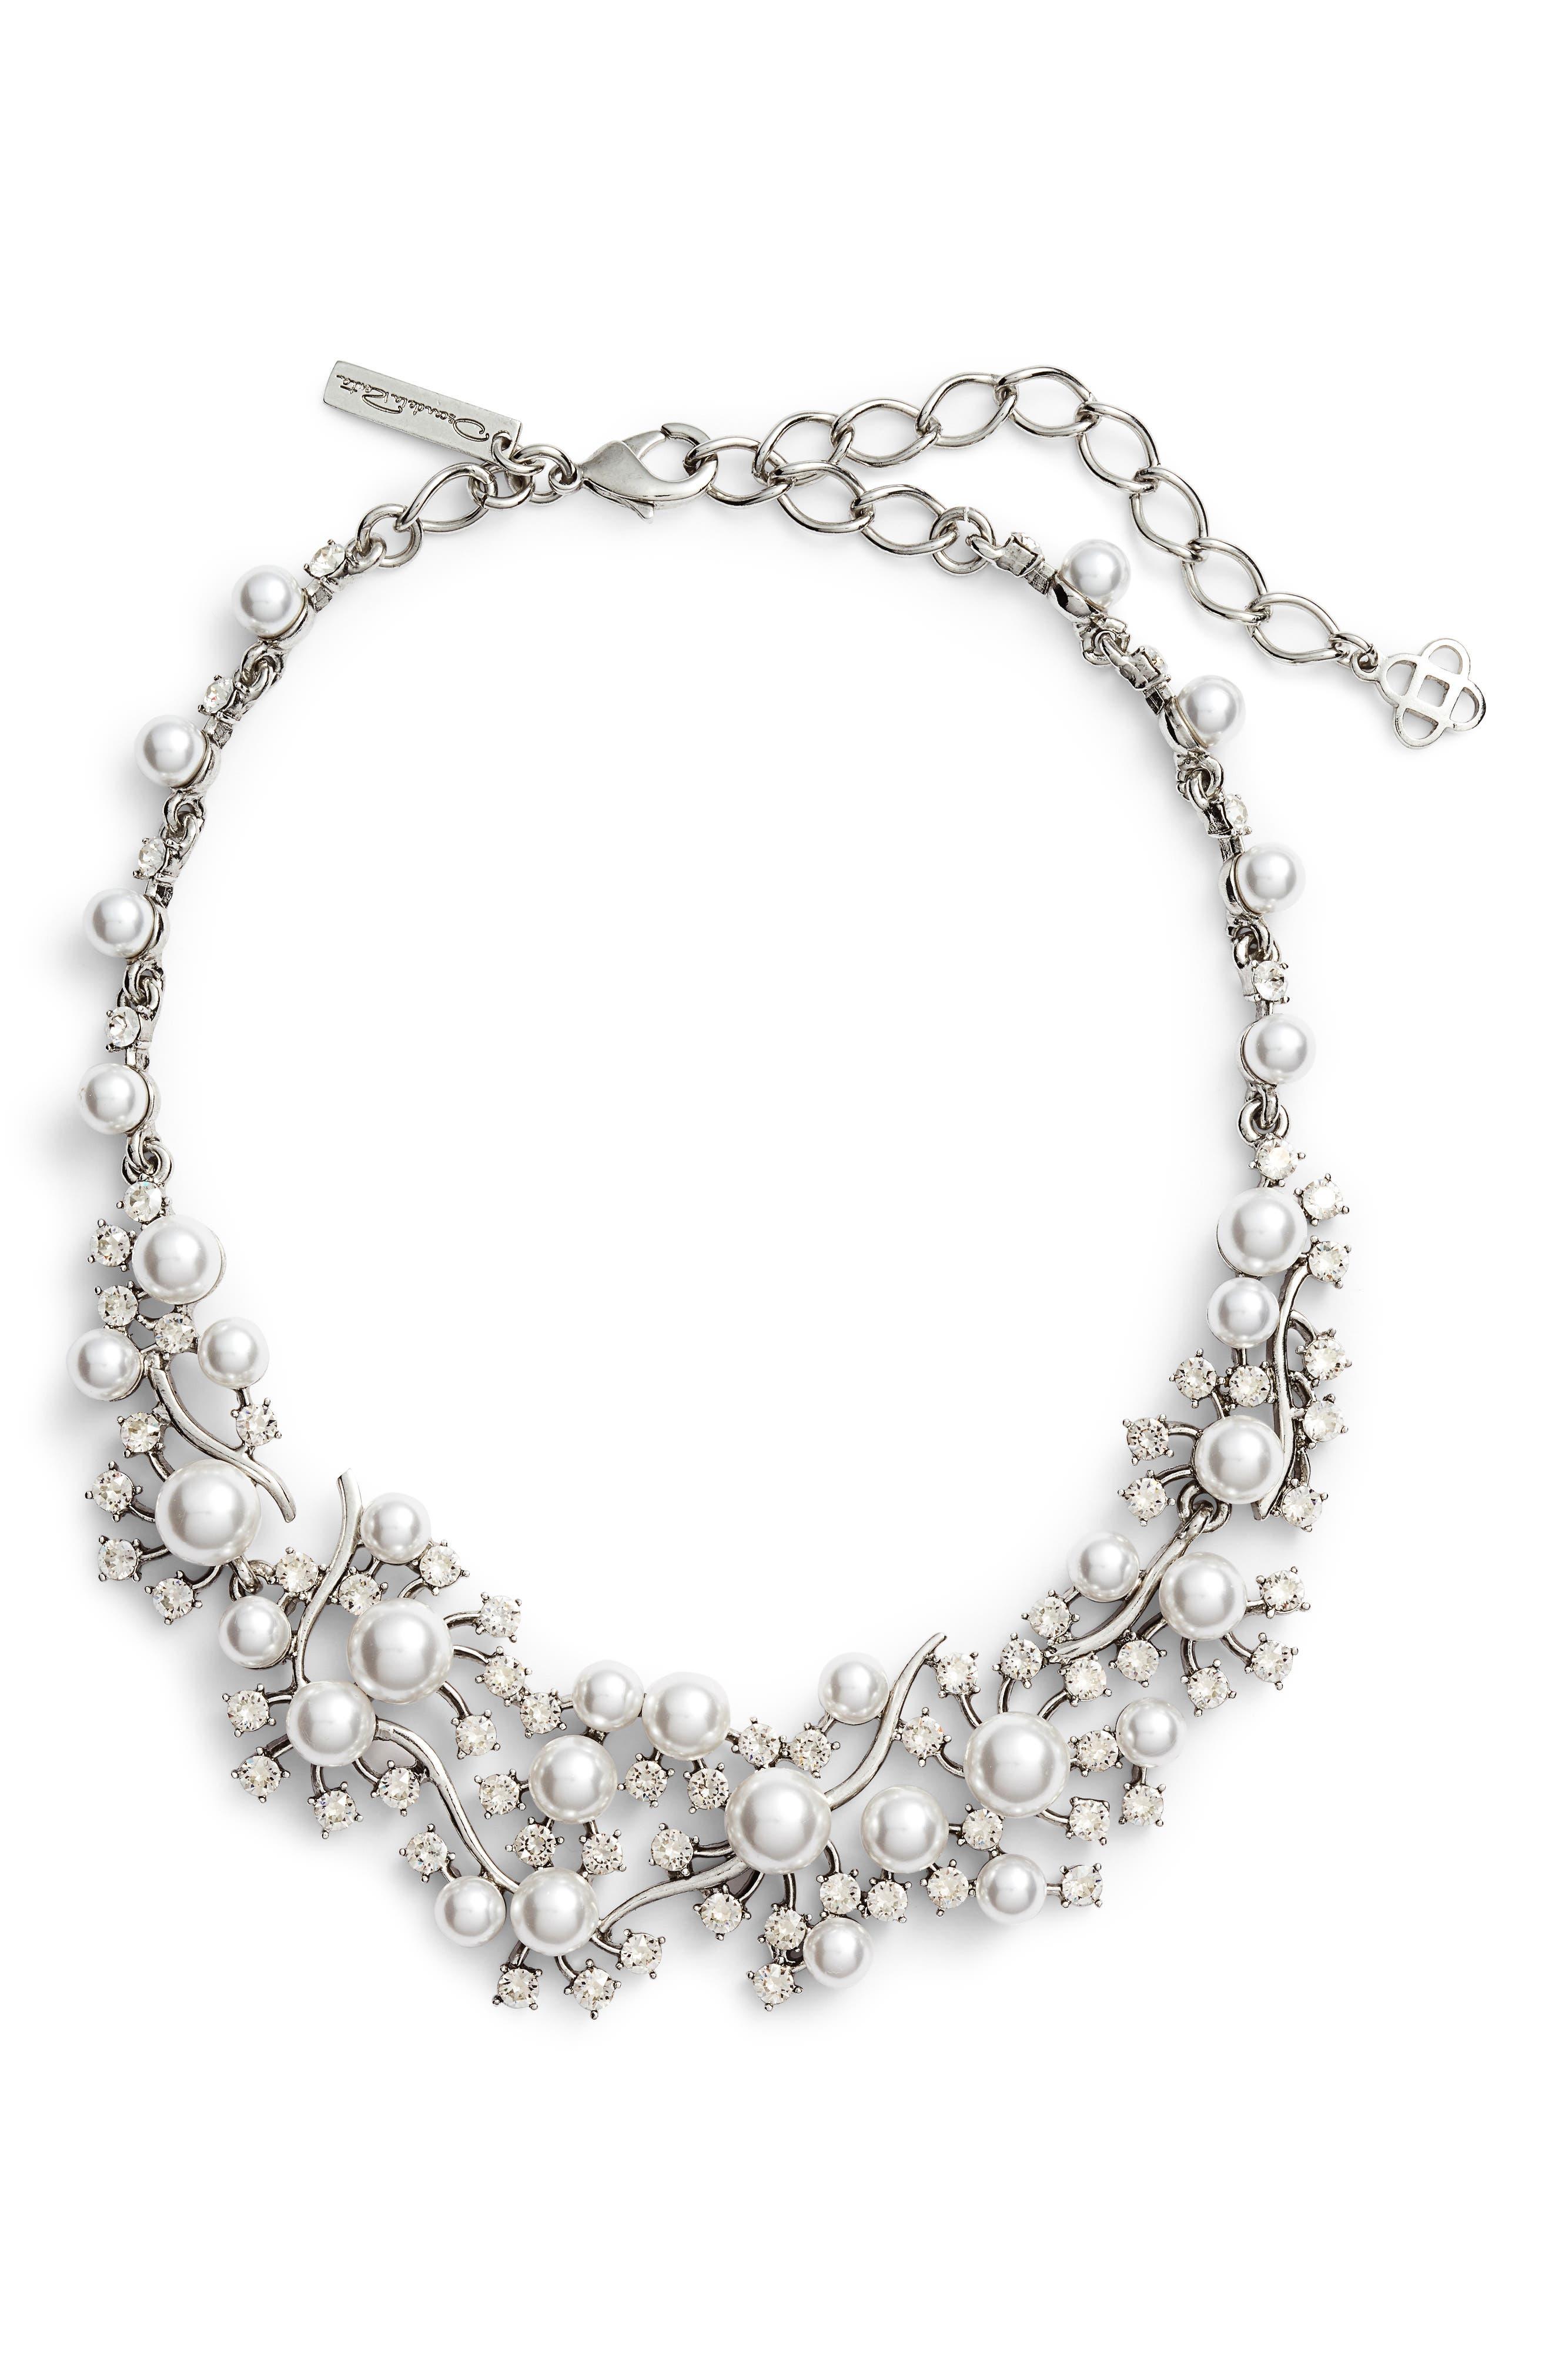 Main Image - Oscar de la Renta Collar Necklace